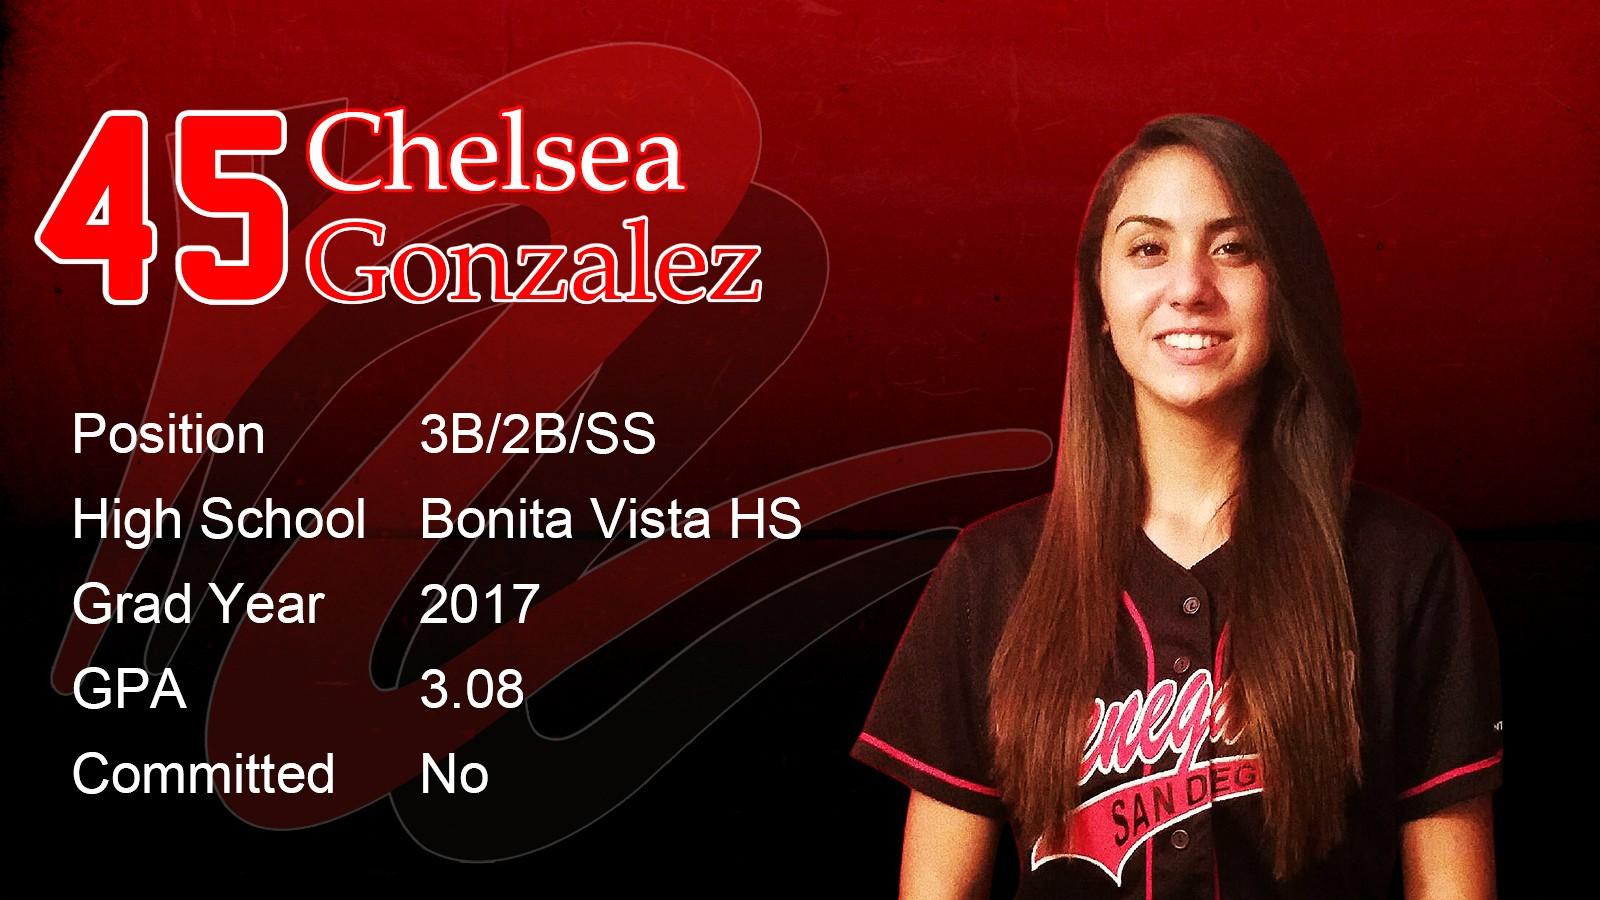 Chelsea-Gonzalez